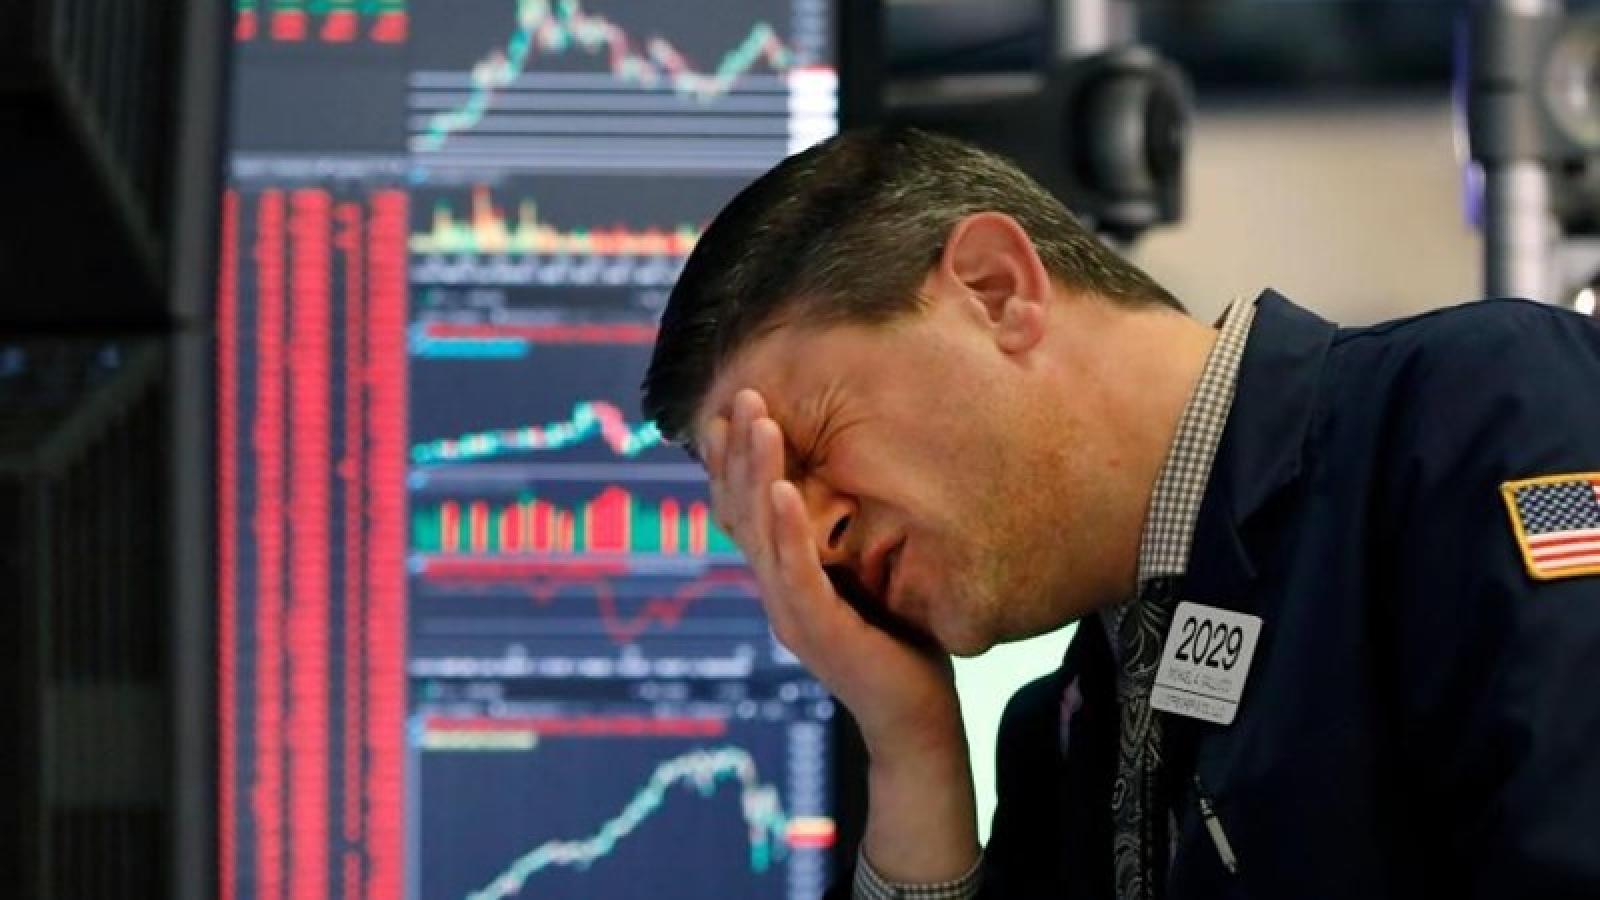 Thị trường chứng khoán Mỹ sụt giảm mạnh trong phiên giao dịch đầu tuần